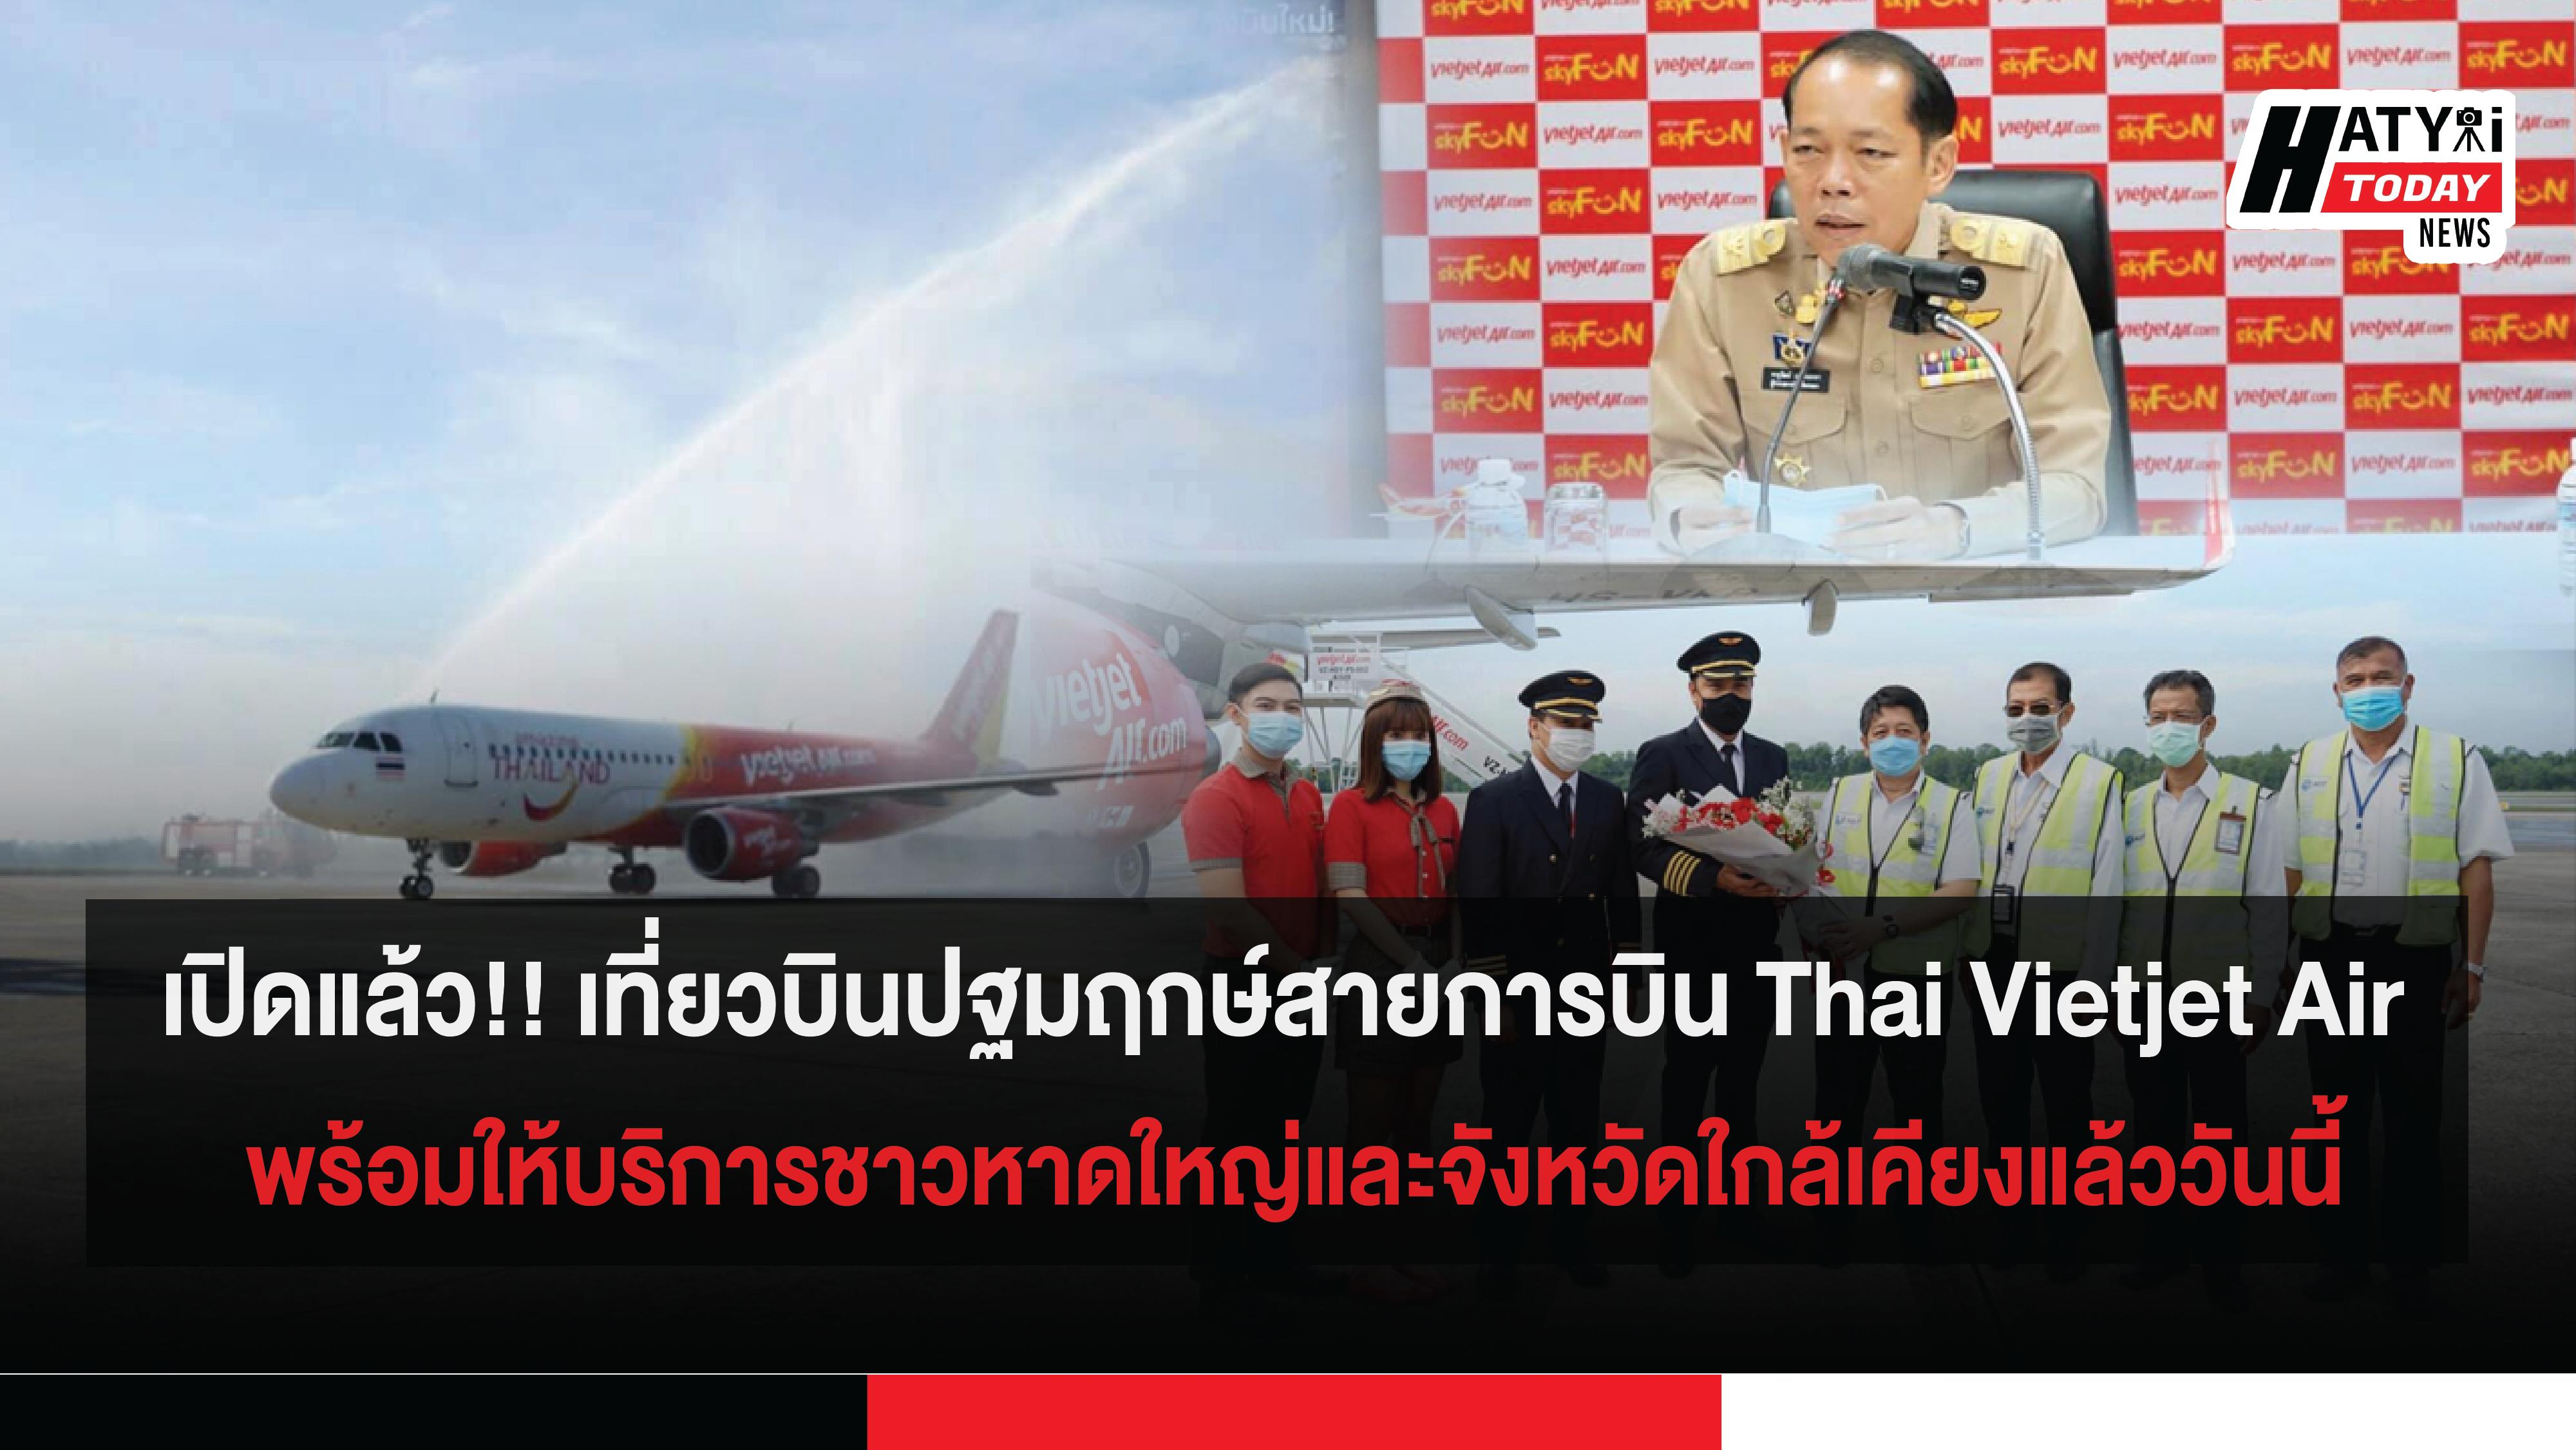 เปิดแล้ว!! เที่ยวบินปฐมฤกษ์สายการบิน Thai Vietjet Air พร้อมให้บริการชาวหาดใหญ่และจังหวัดใกล้เคียงแล้ววันนี้